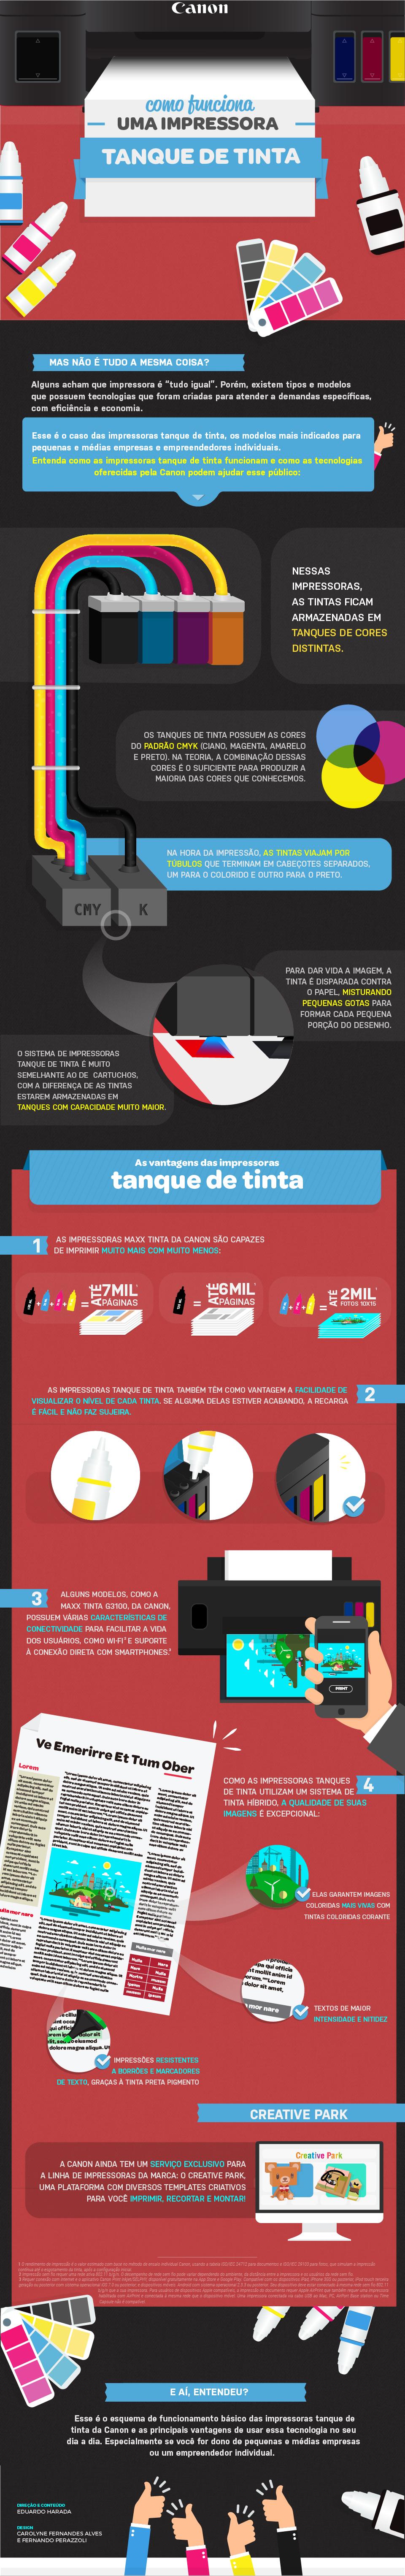 Entenda como funciona uma impressora tanque de tinta com esse infográfico